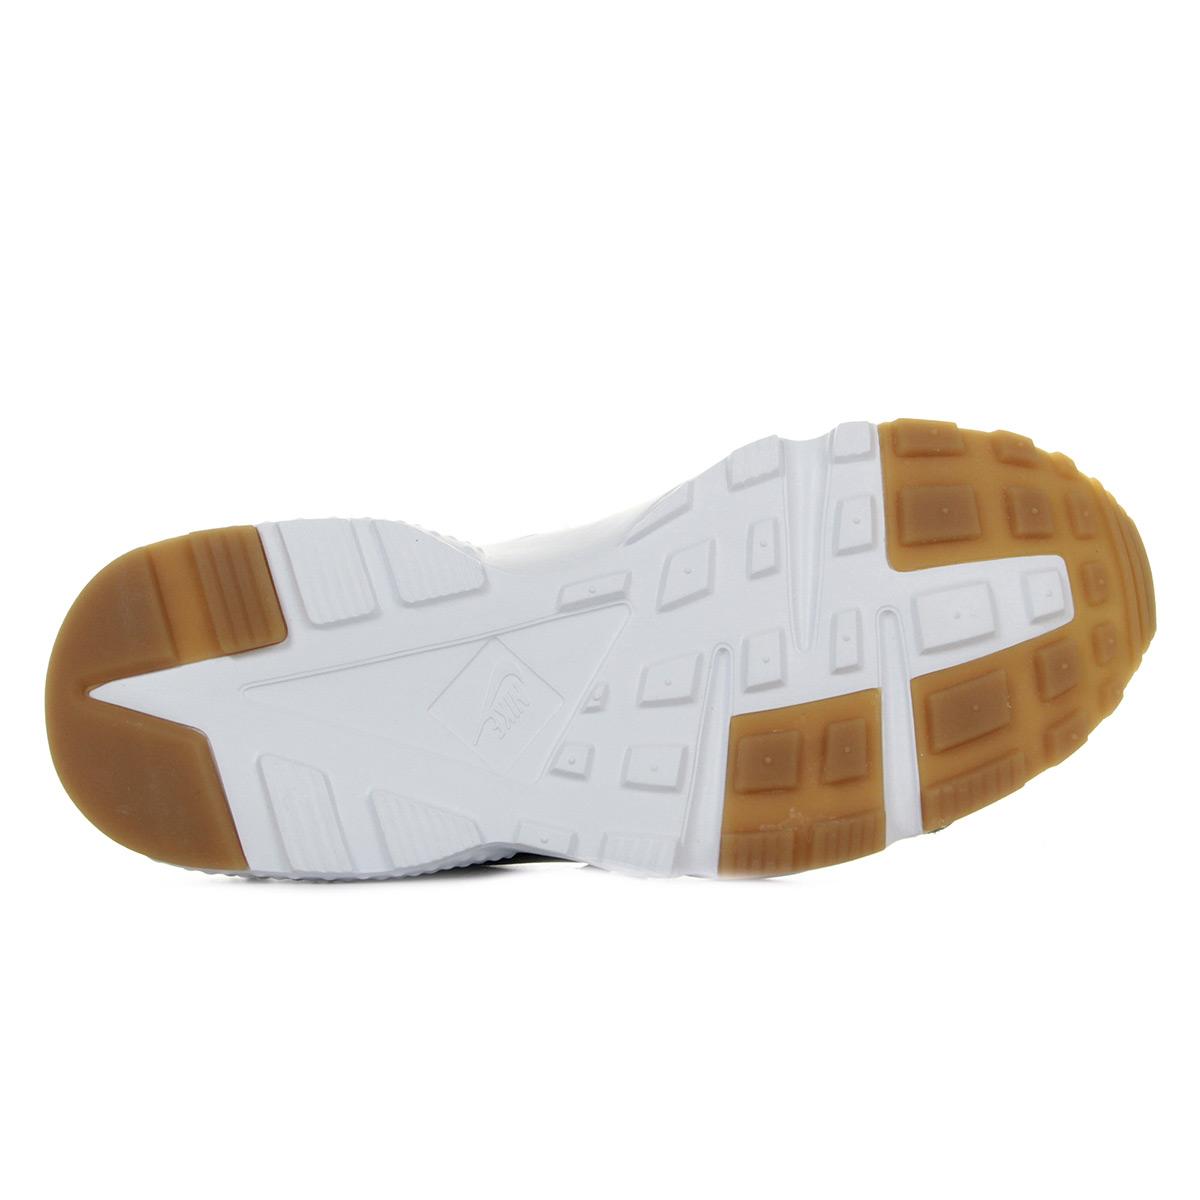 Nike Huarache Run SE307960010 904538007, Baskets mode femme